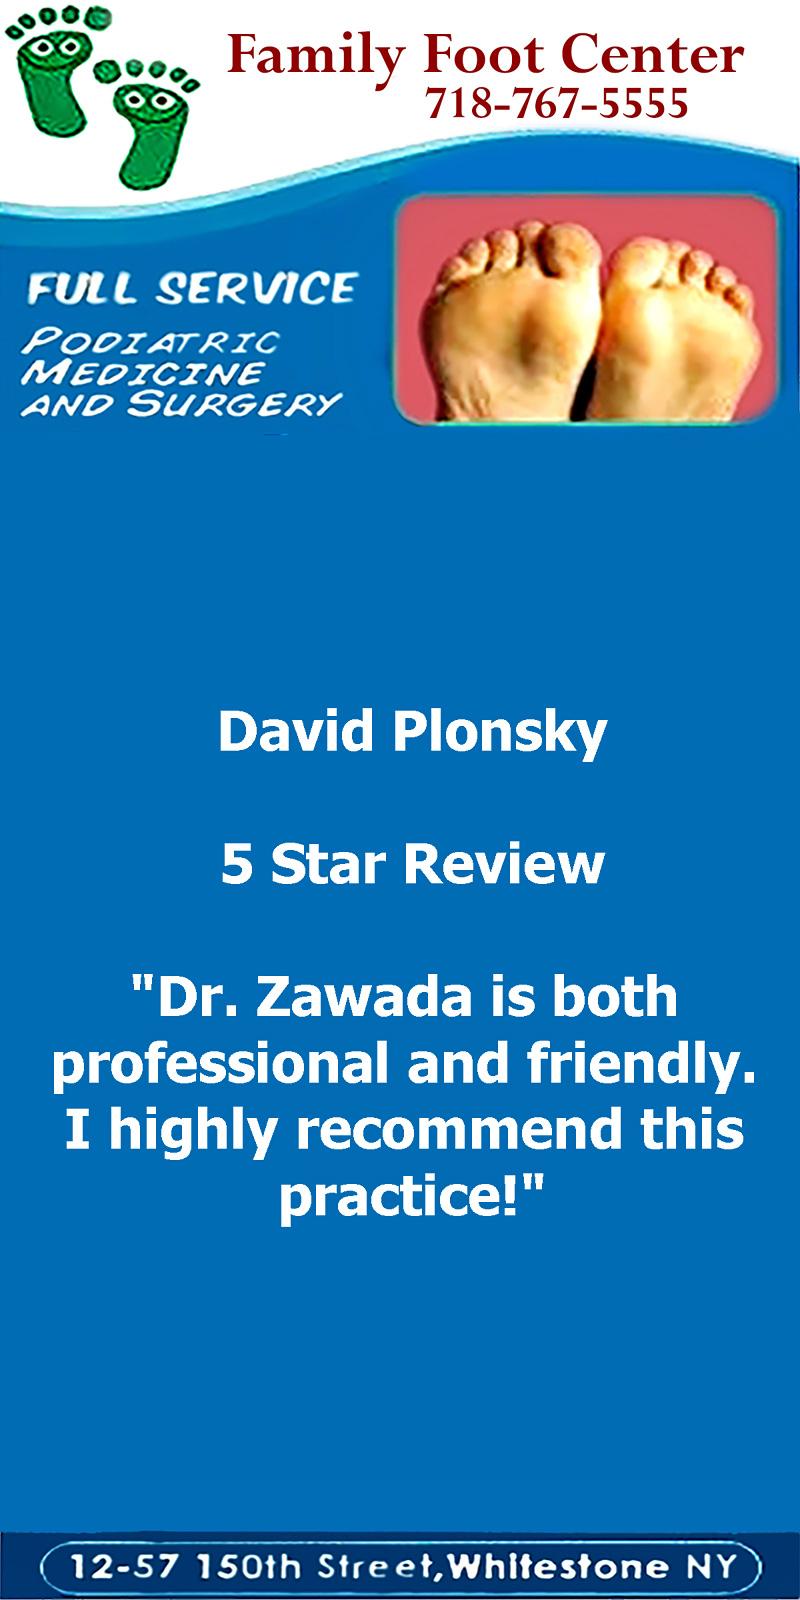 David Plonsky Review